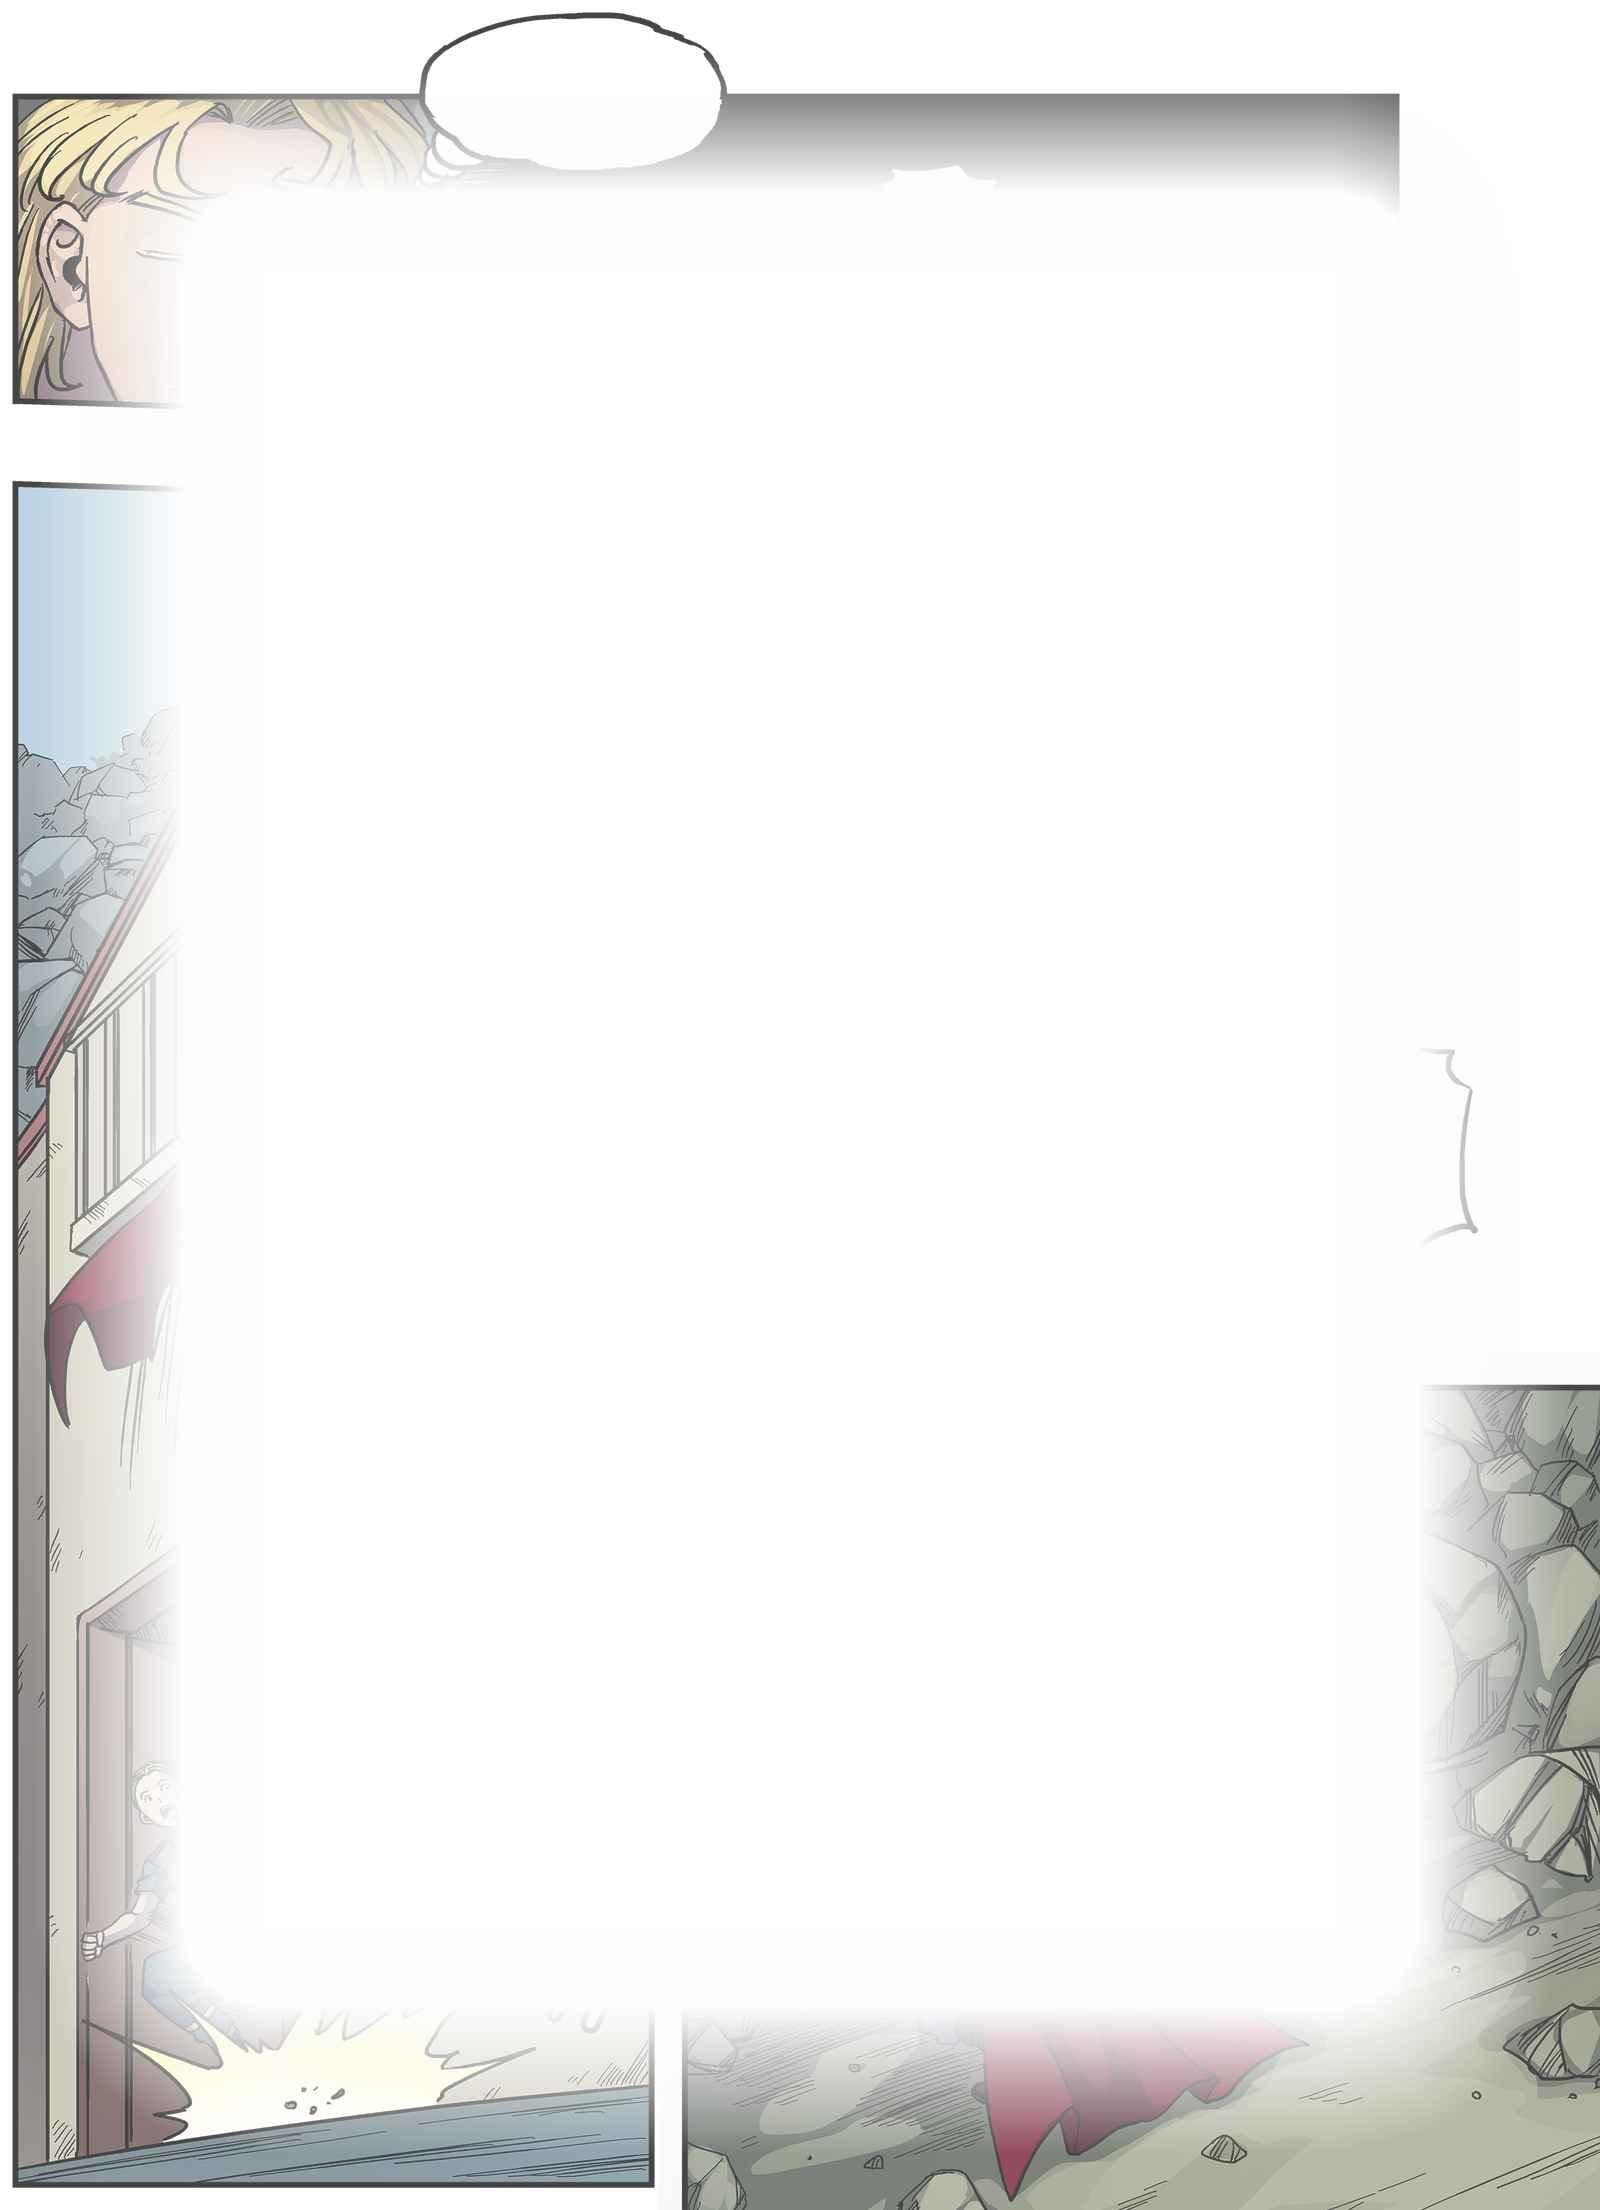 Hemisferios : Capítulo 6 página 17